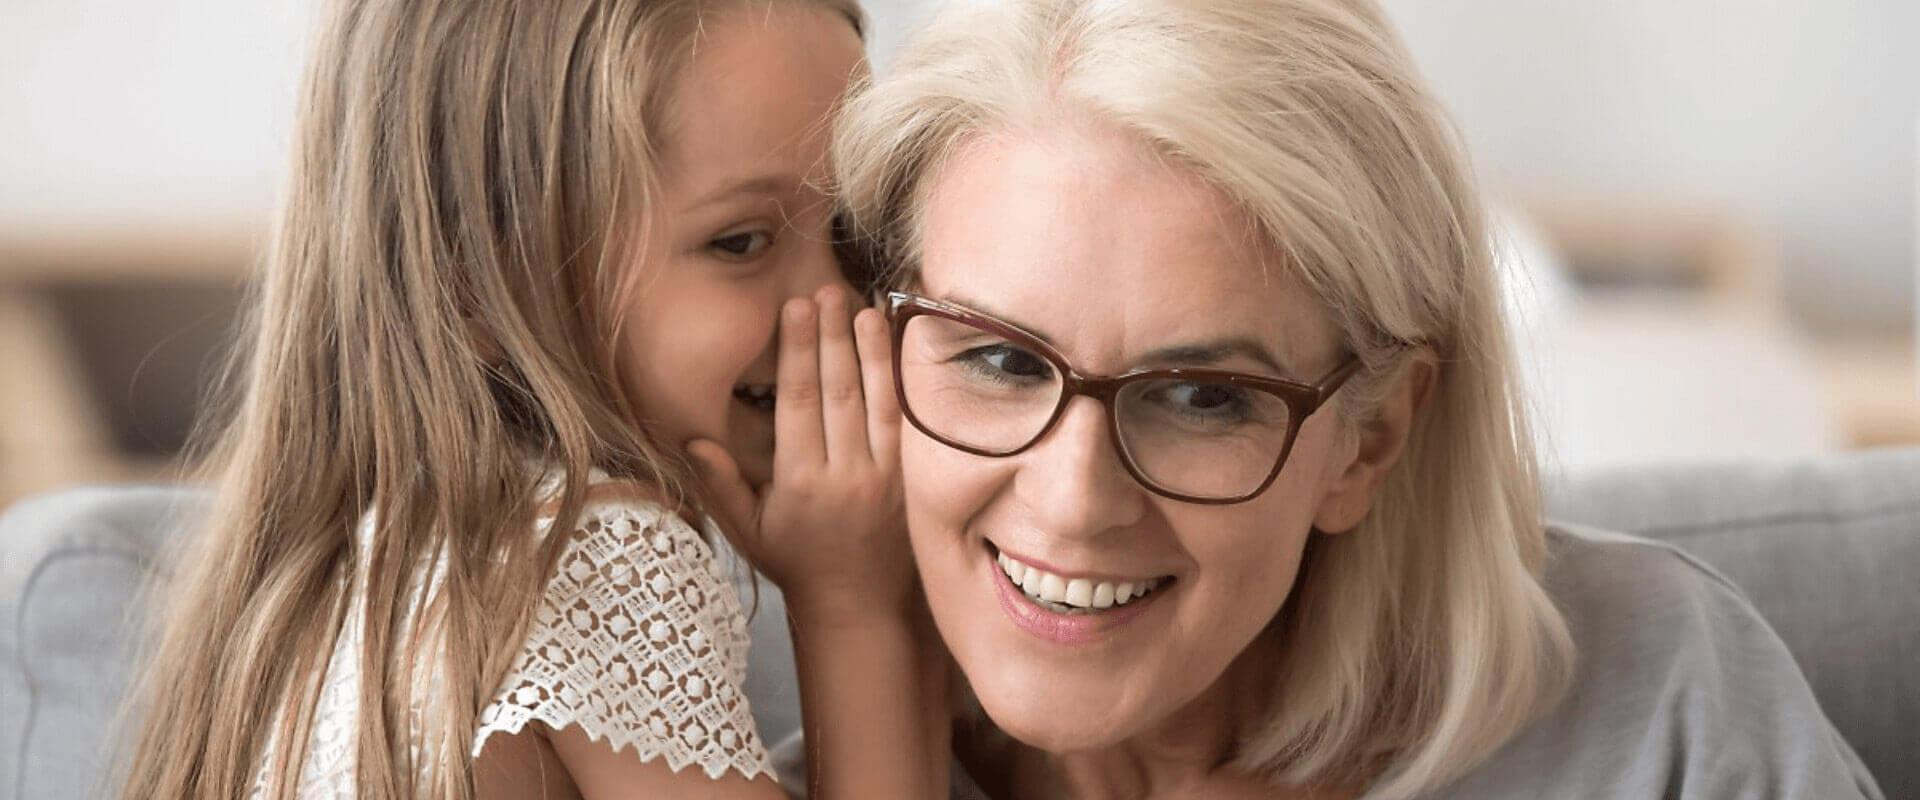 Γιαγιά ακούει το ψιθύρισμα της εγγονής της με τα ακουστικά βαρηκοΐας Cosmoear